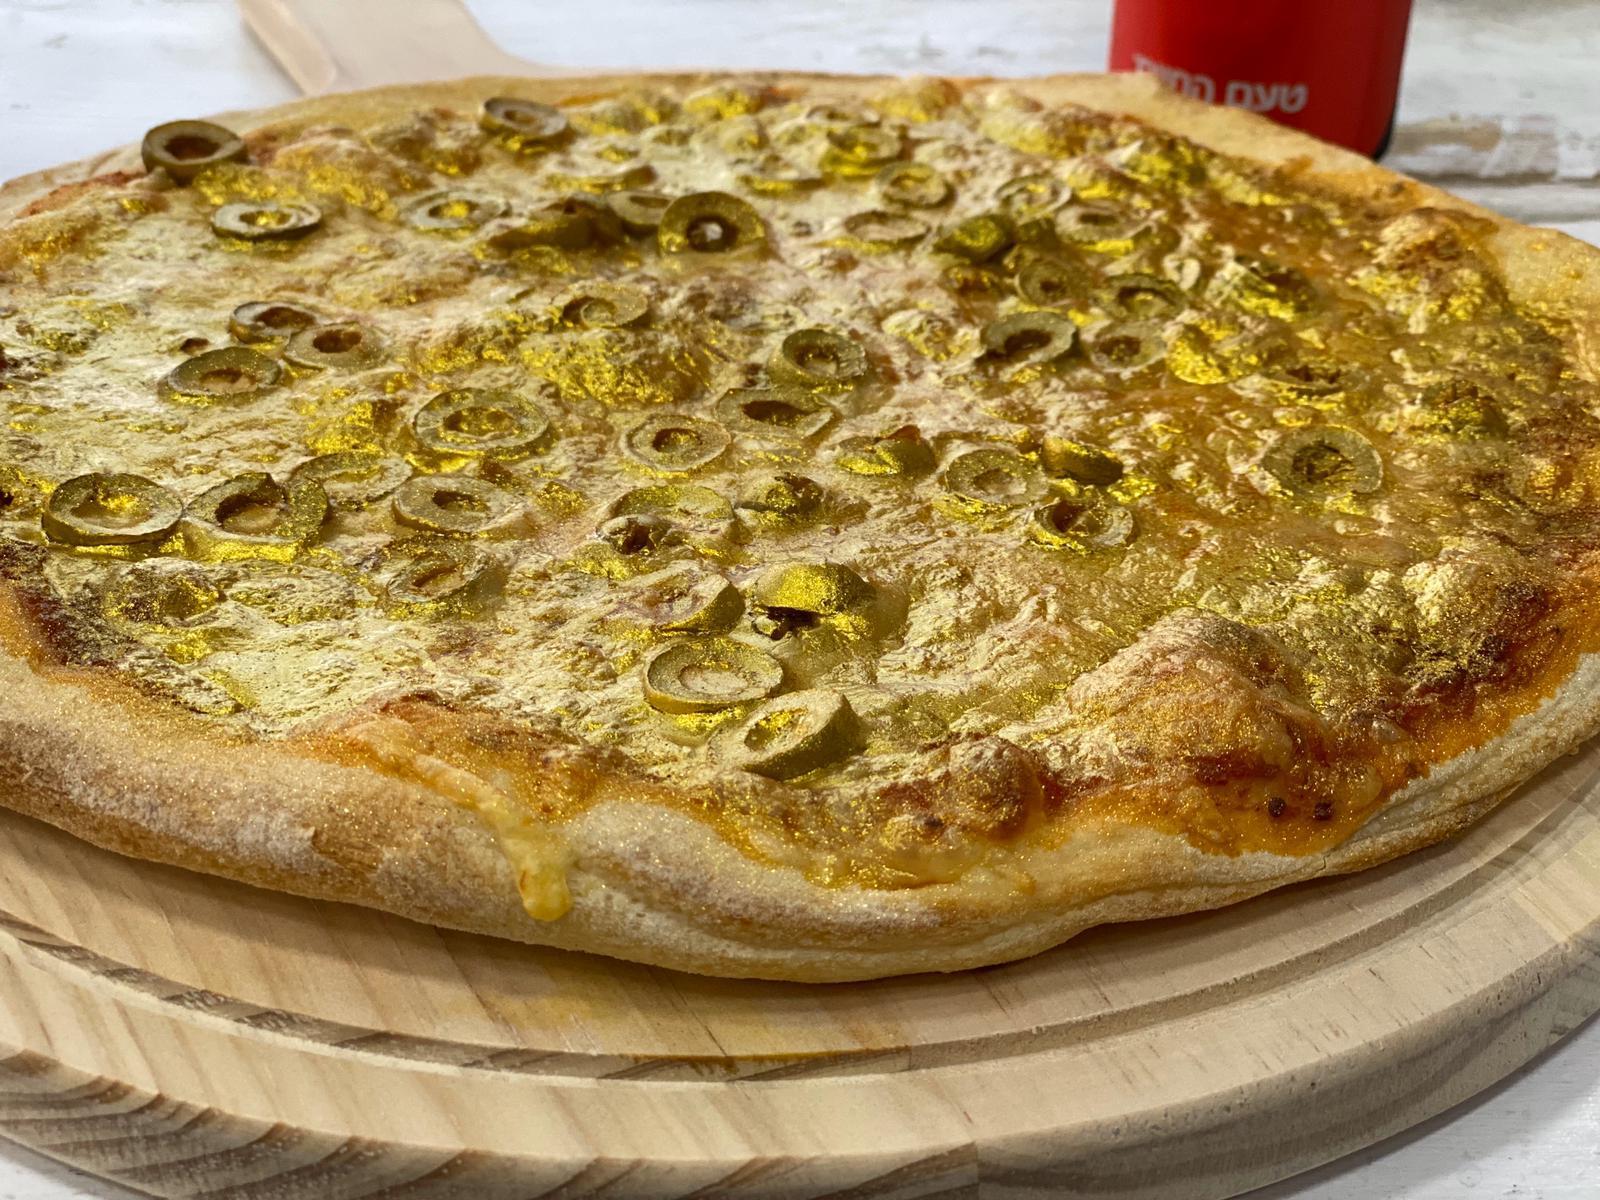 جربوا البيتزا الذهبية الآن من  بيتزا كالميرو